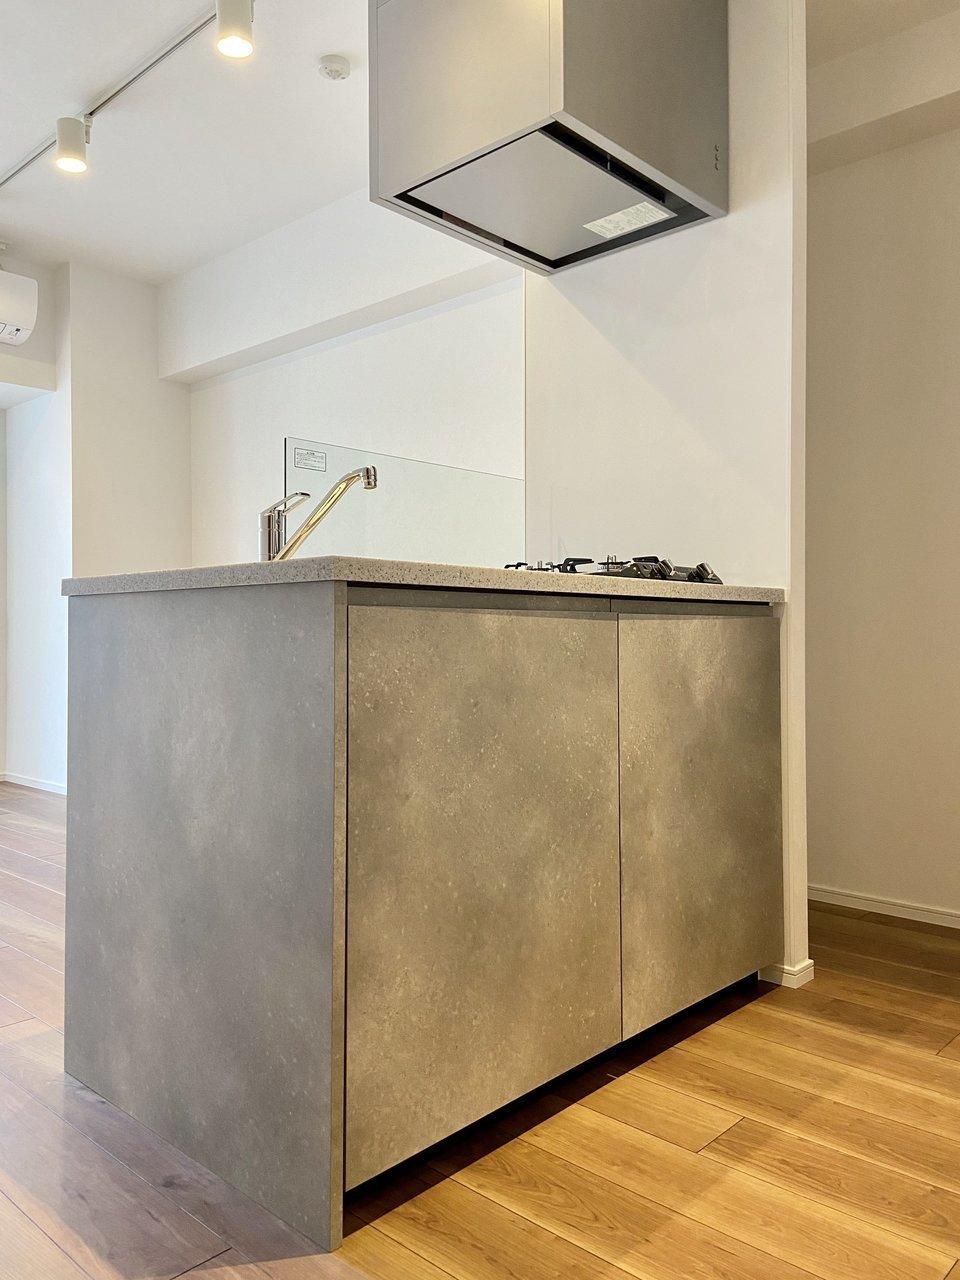 カウンターキッチンも、すっきりとしたデザインでいいですね。窓の外を見ながらゆっくり調理する時間を持ちたいなぁ。